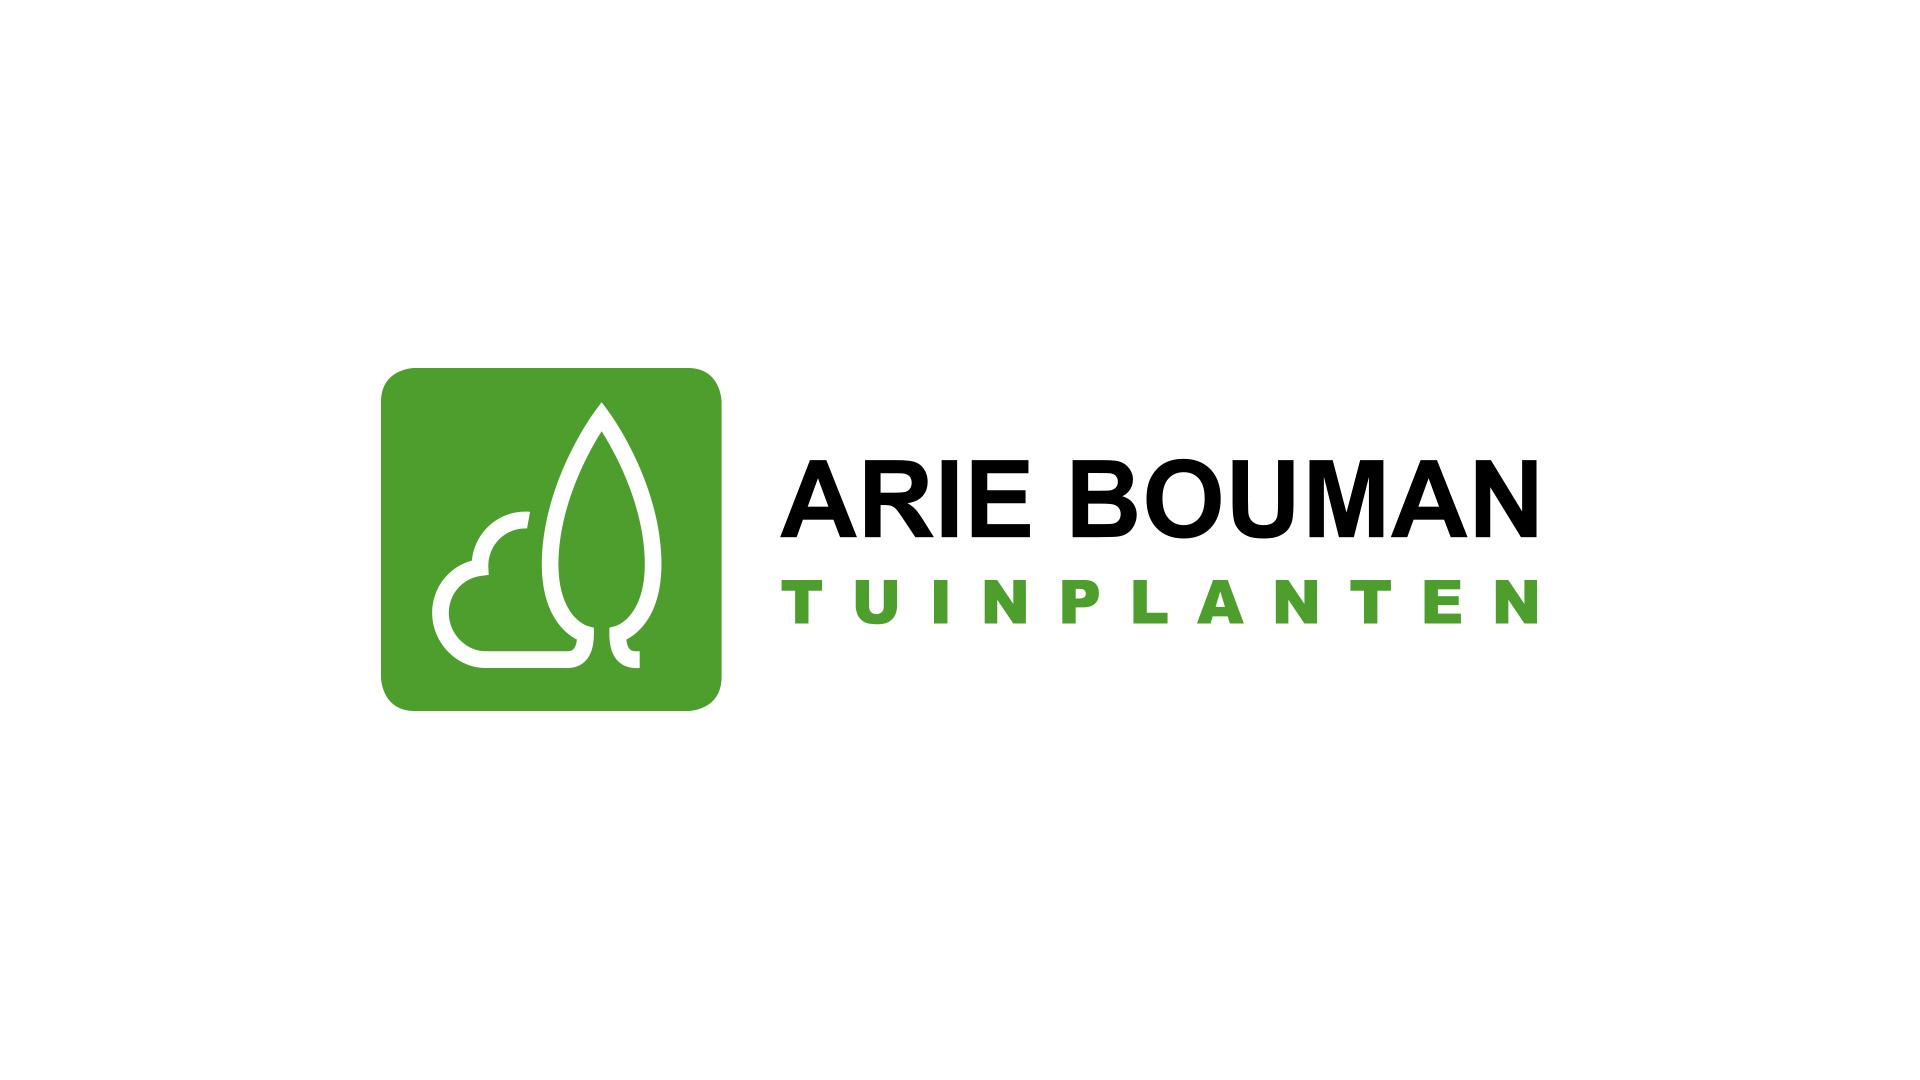 Arie Bouman tuiplanten